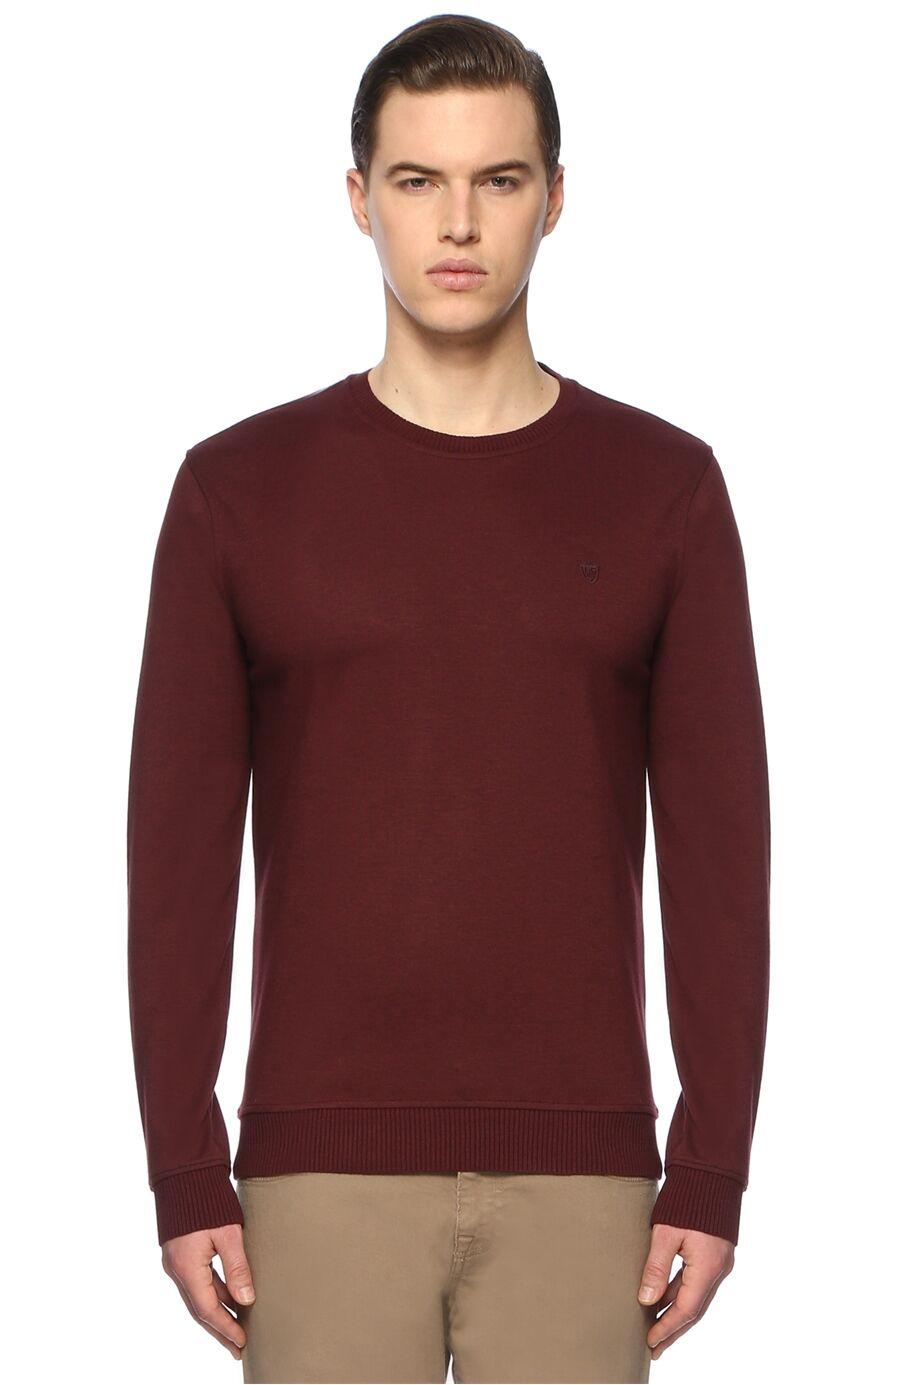 Slim Fit Bordo Sweatshirt